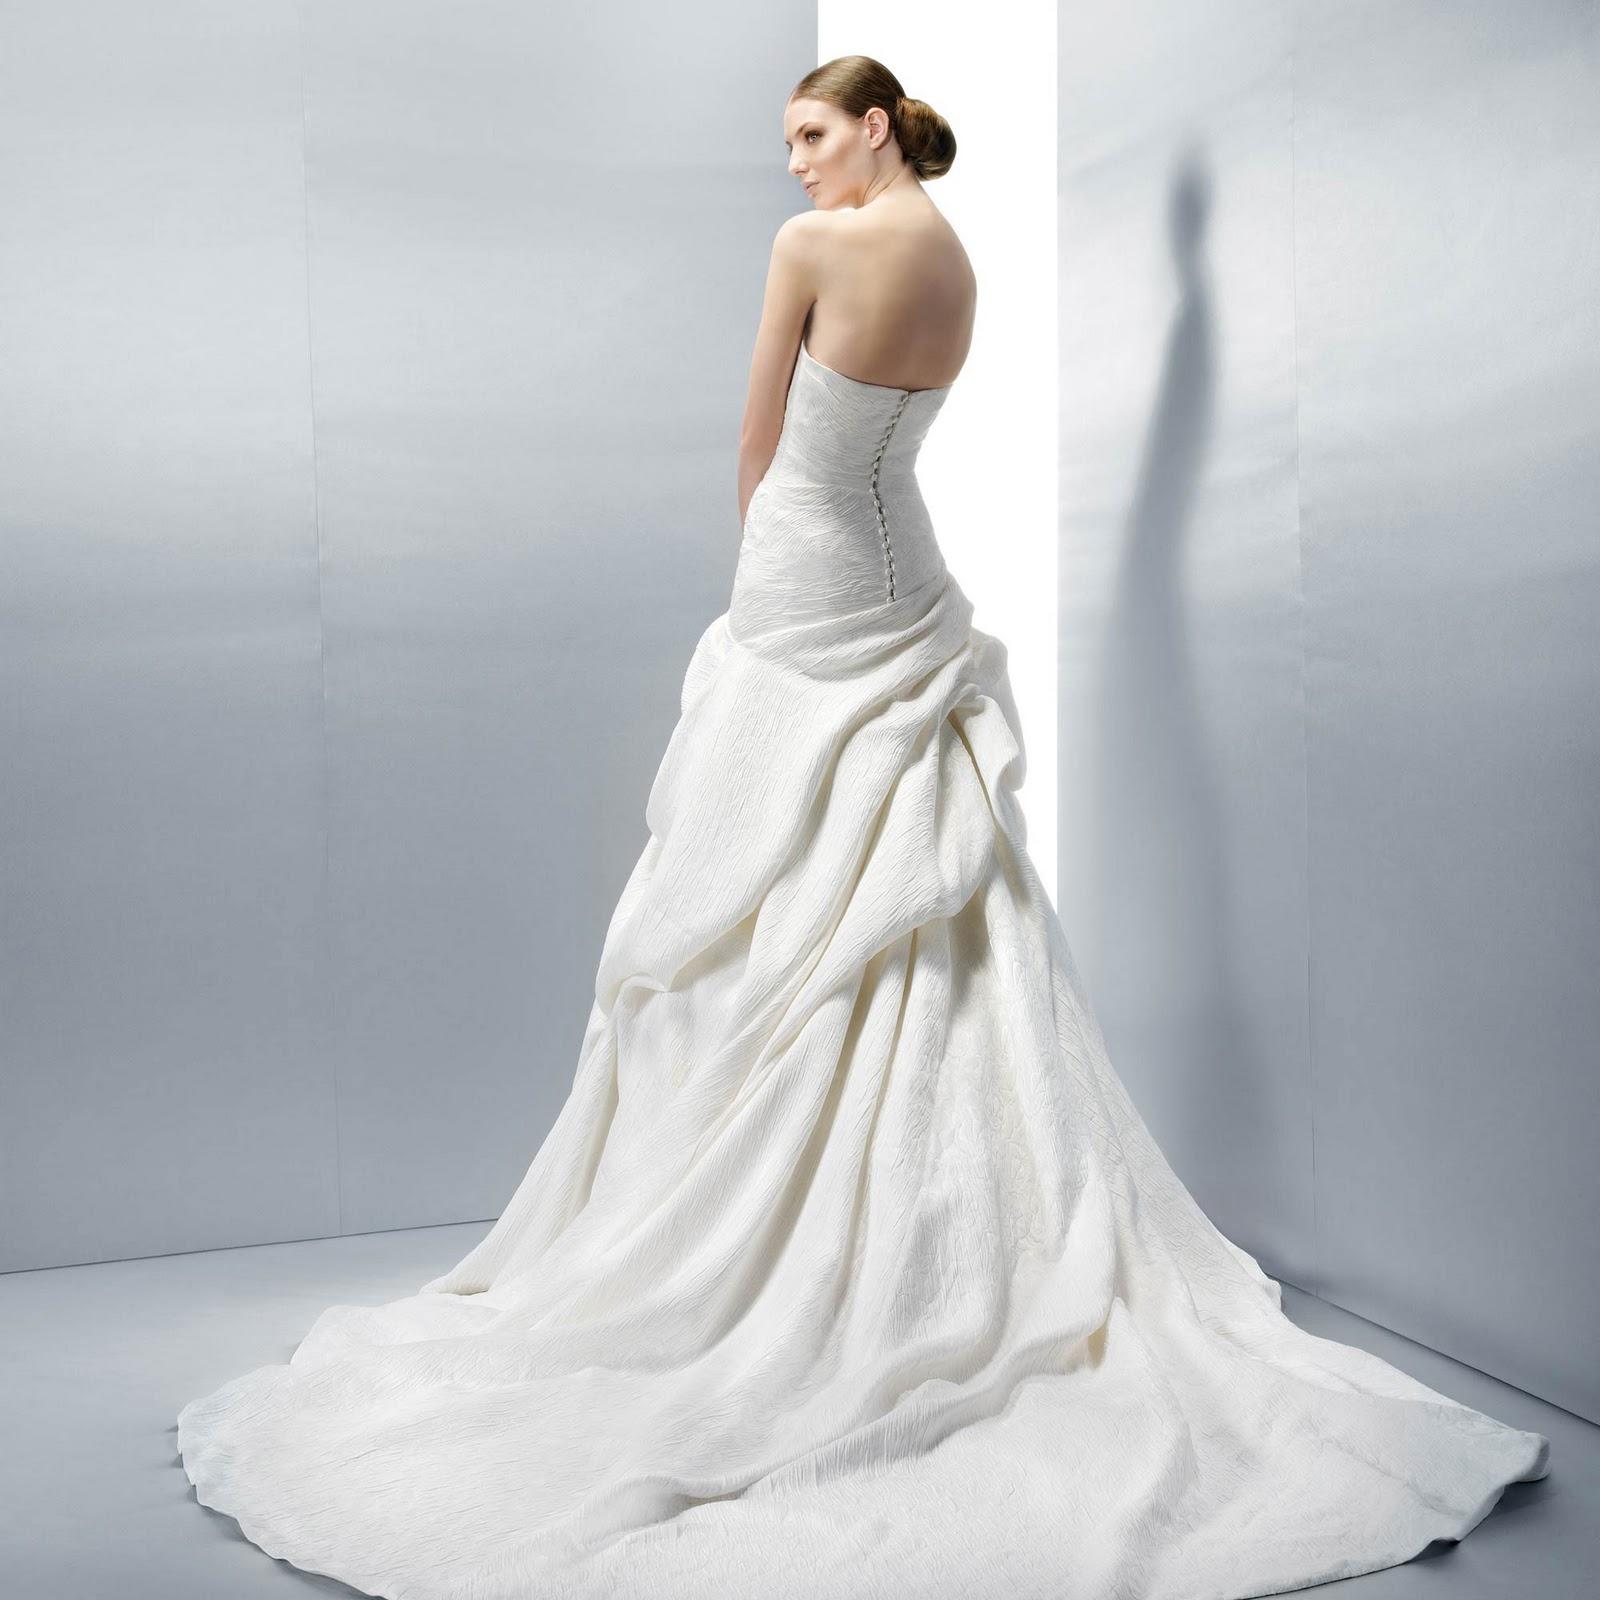 Famous Vera Wang Vestidos De Novia Precios Gallery - Wedding Ideas ...